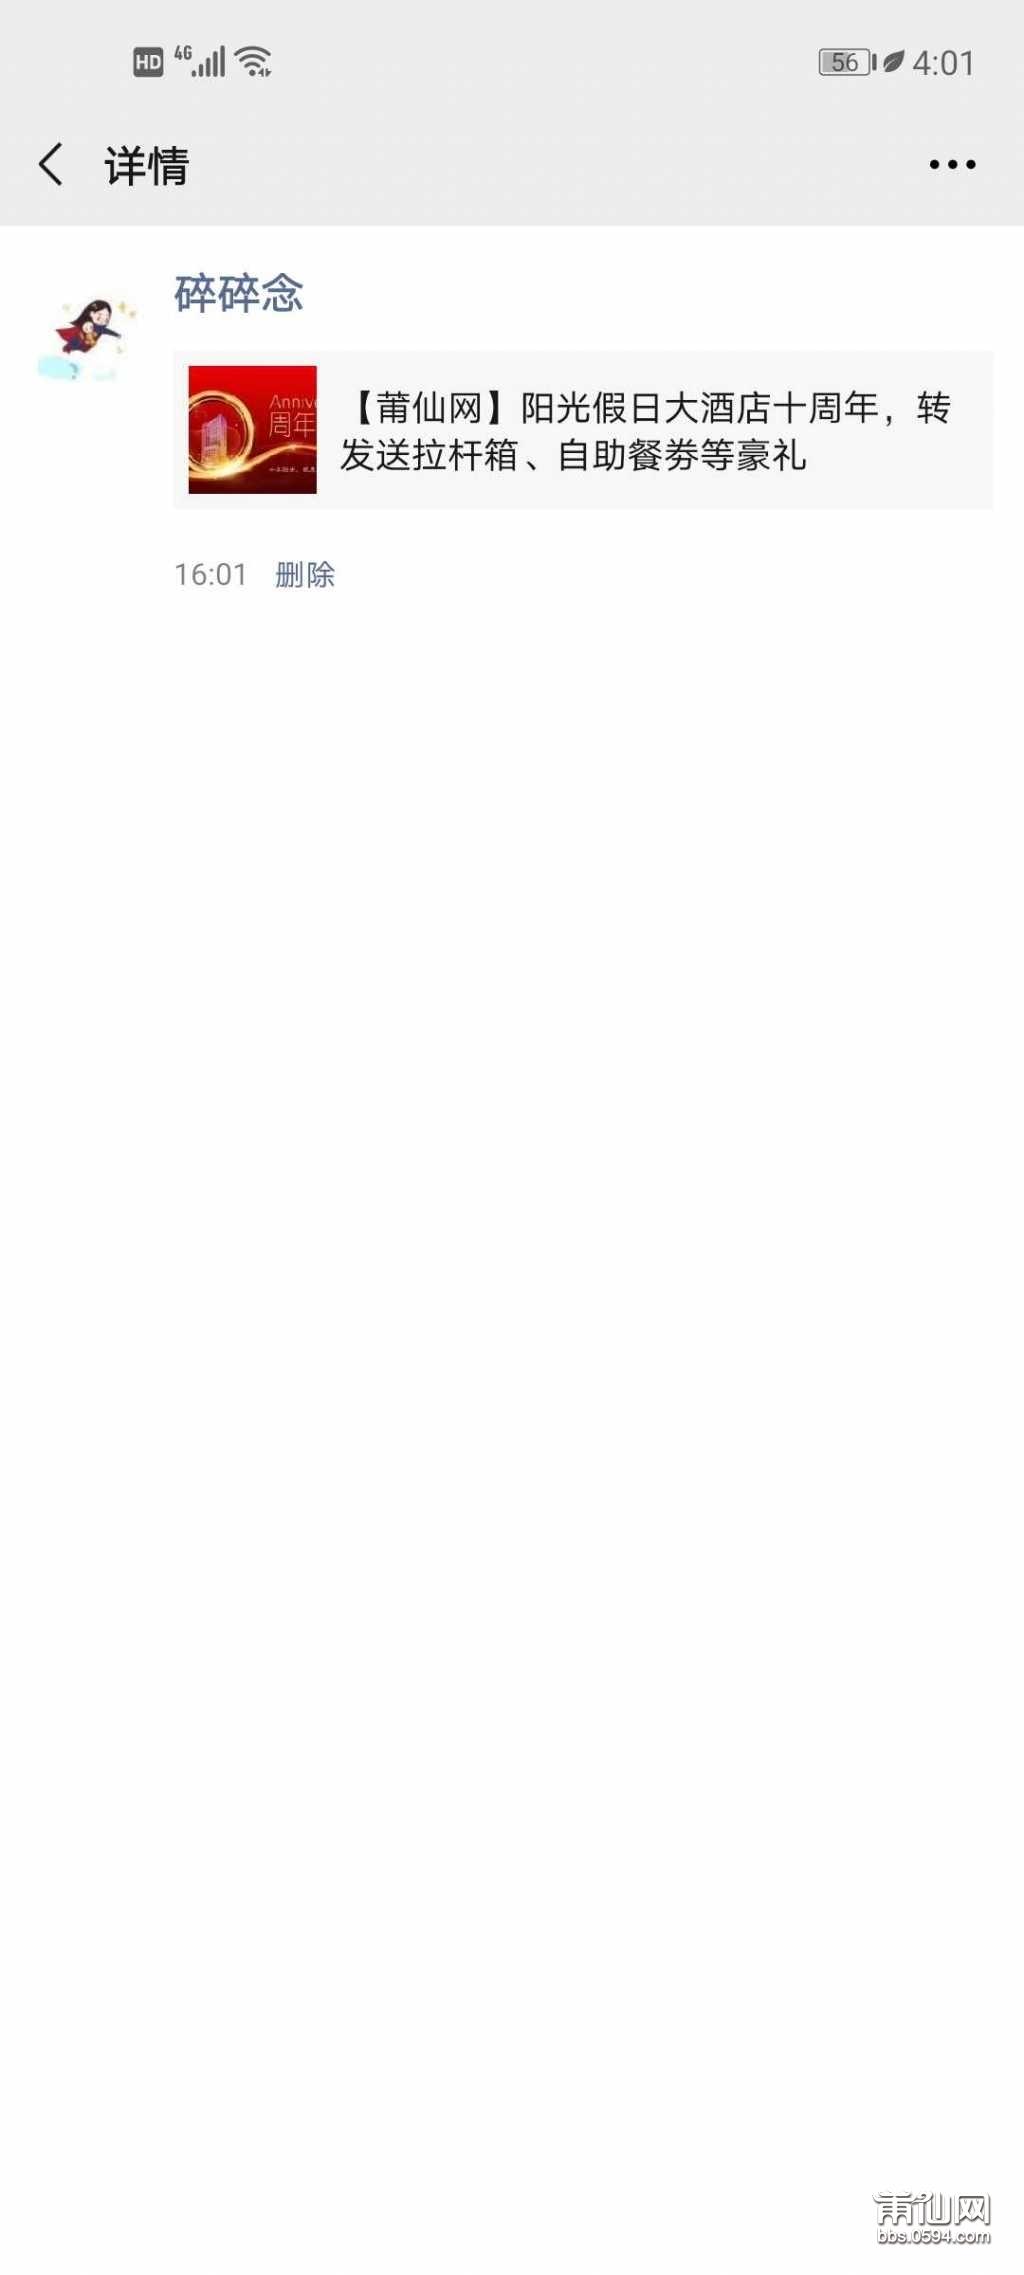 wechat_upload15952321275f154f7f88beb